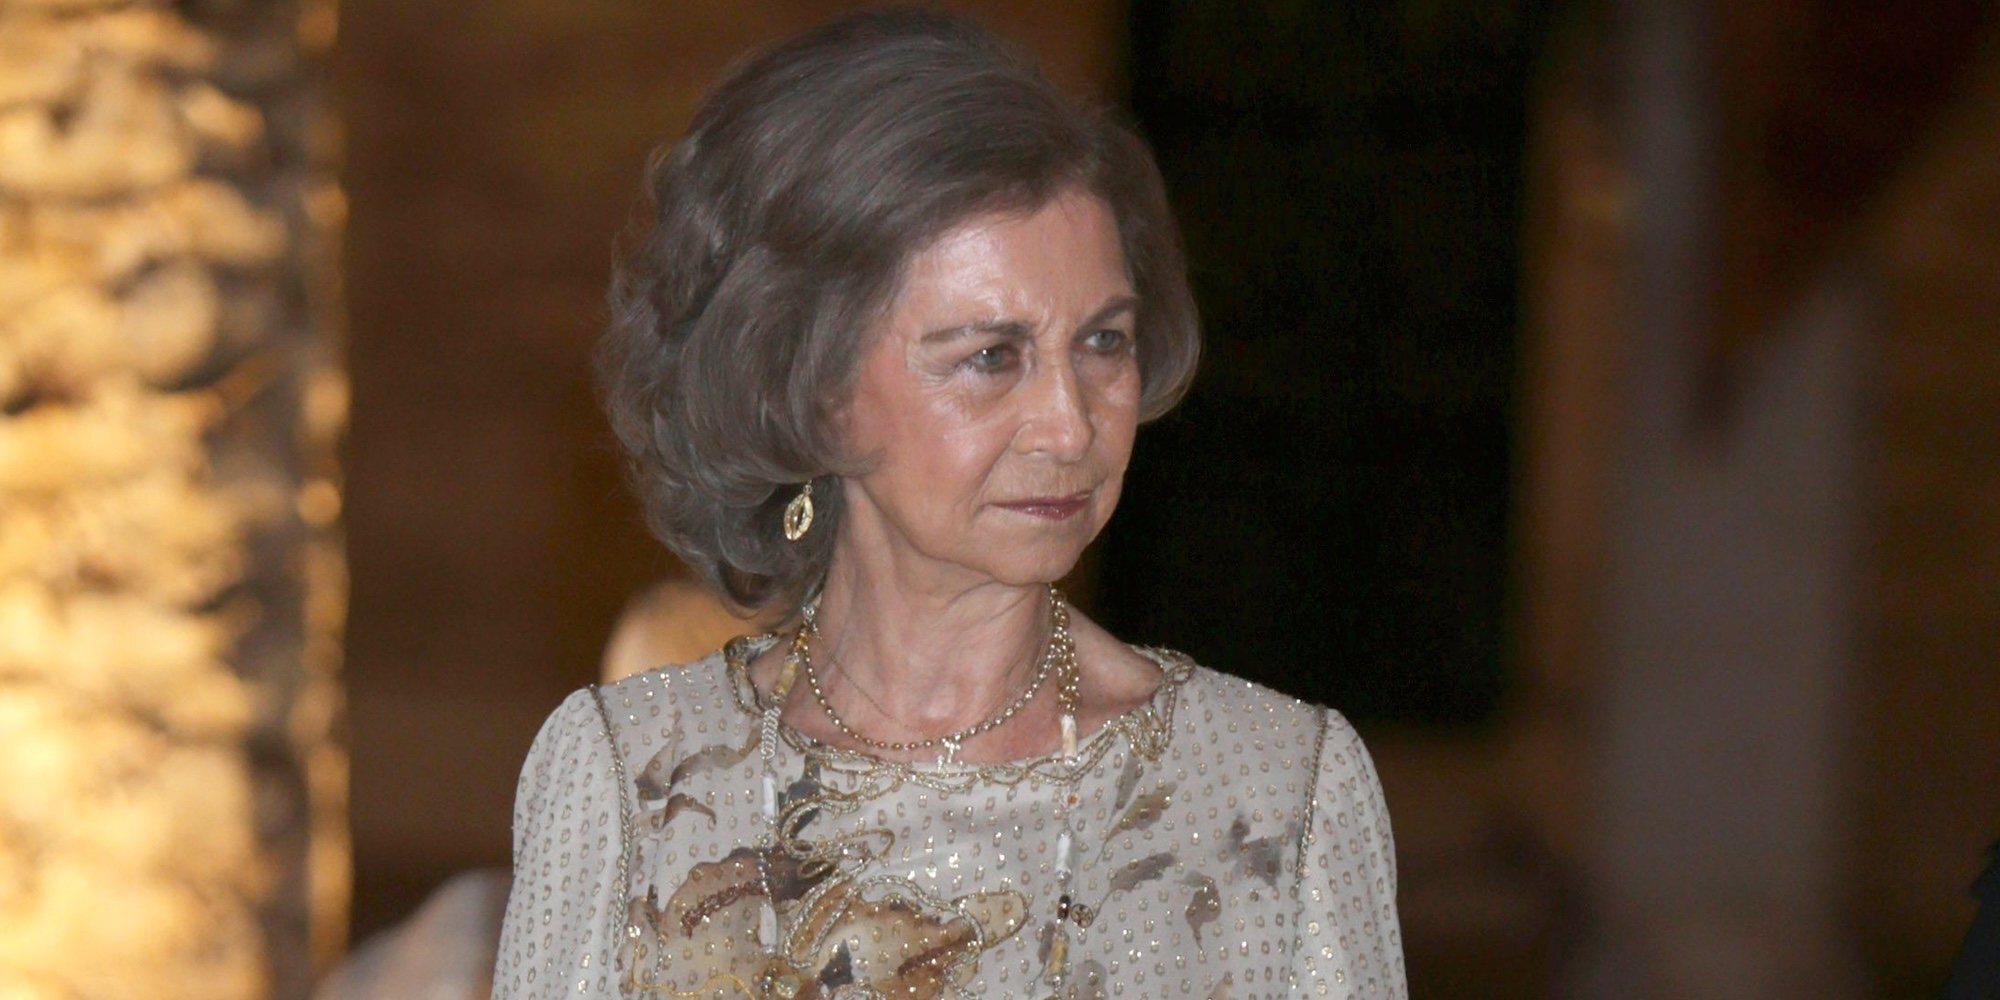 La Reina Sofía se instala en Mallorca para disfrutar de sus vacaciones en Marivent